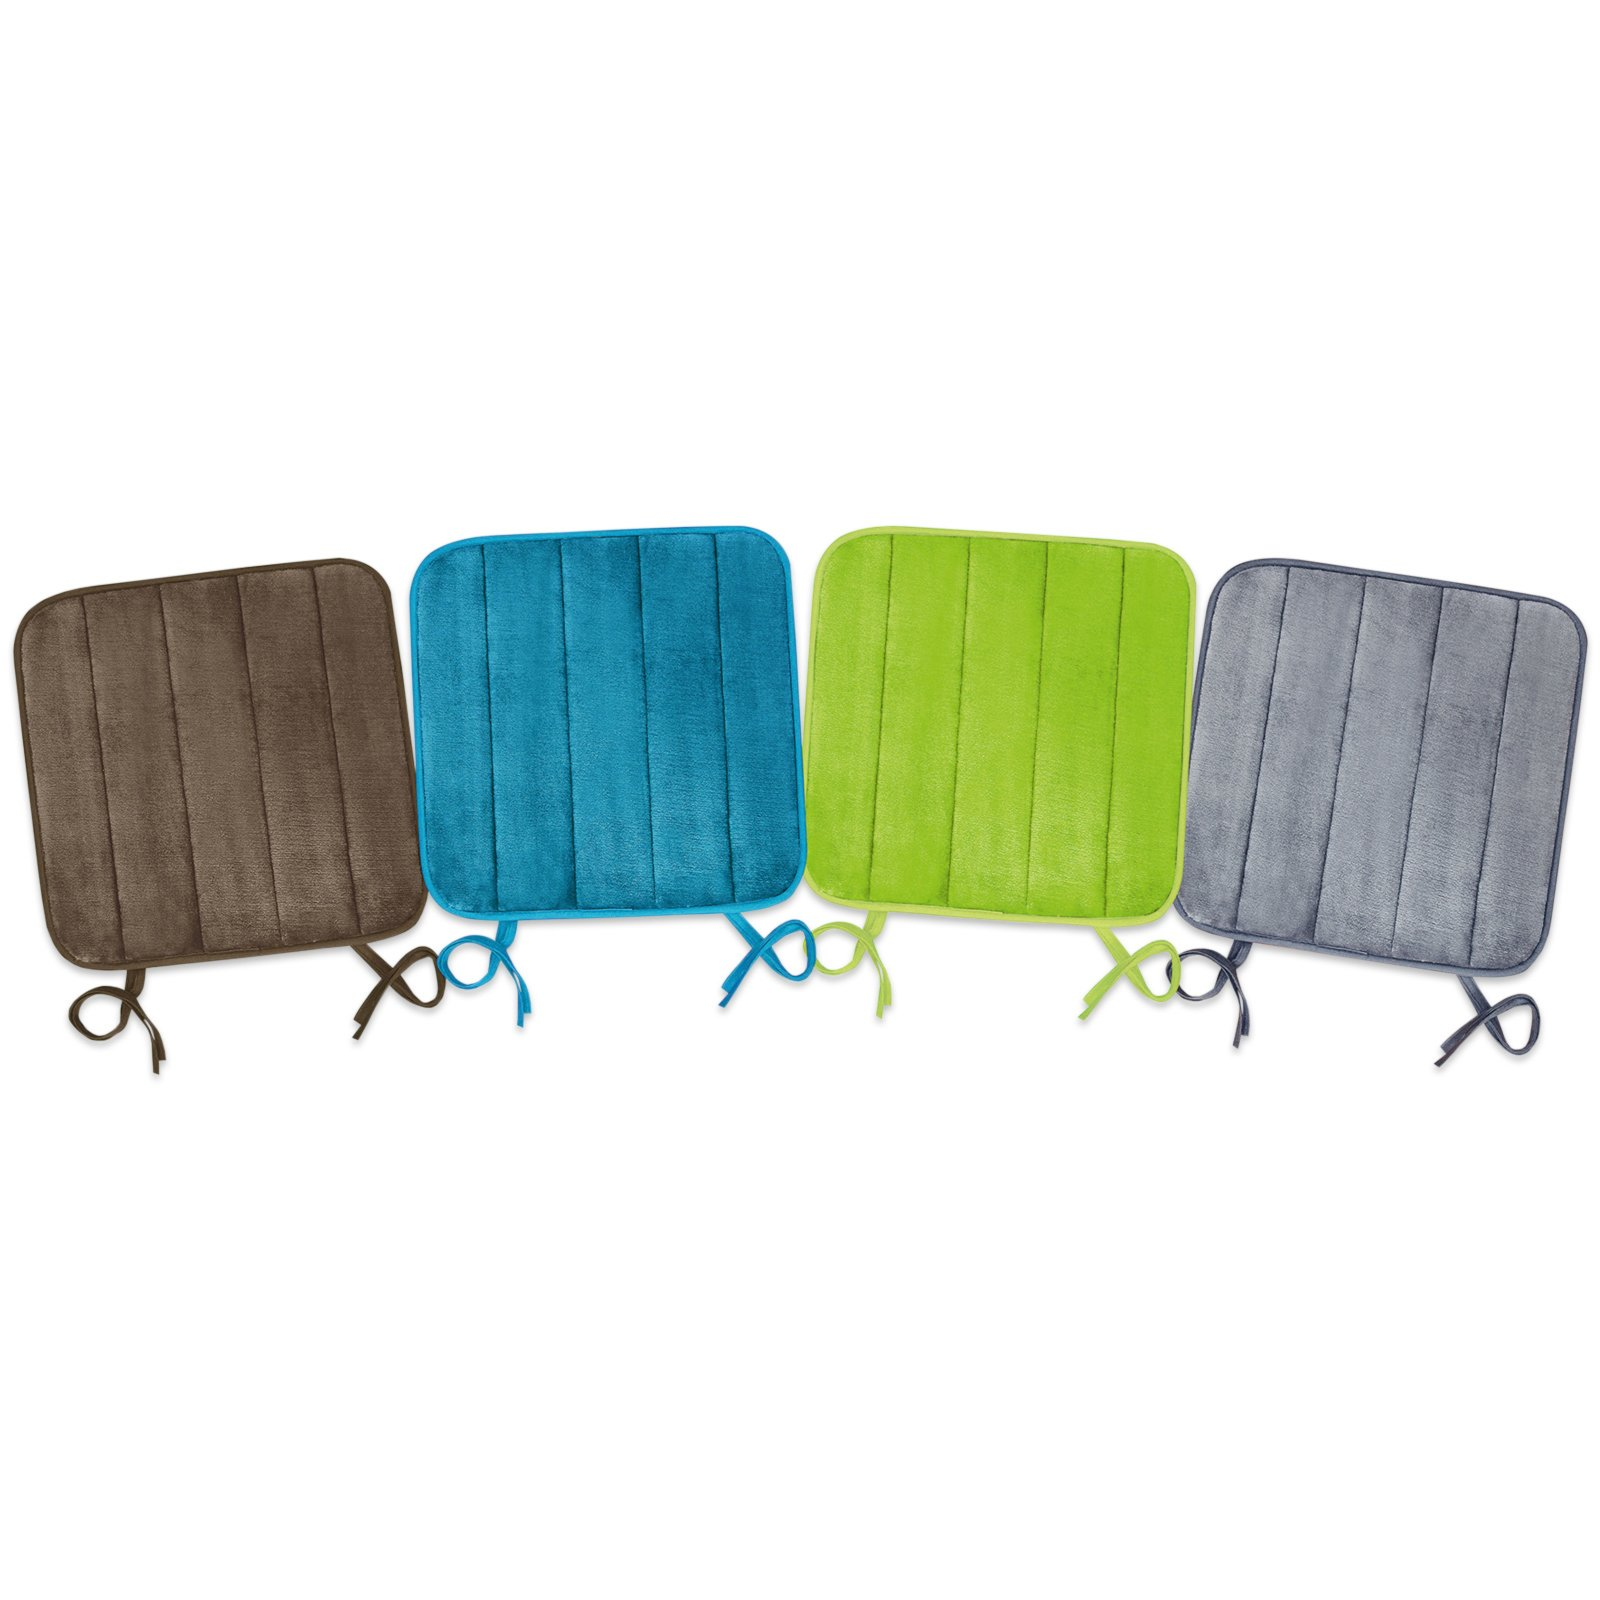 Sitzkissen BELLA -farblich sortiert - online keine Auswahl